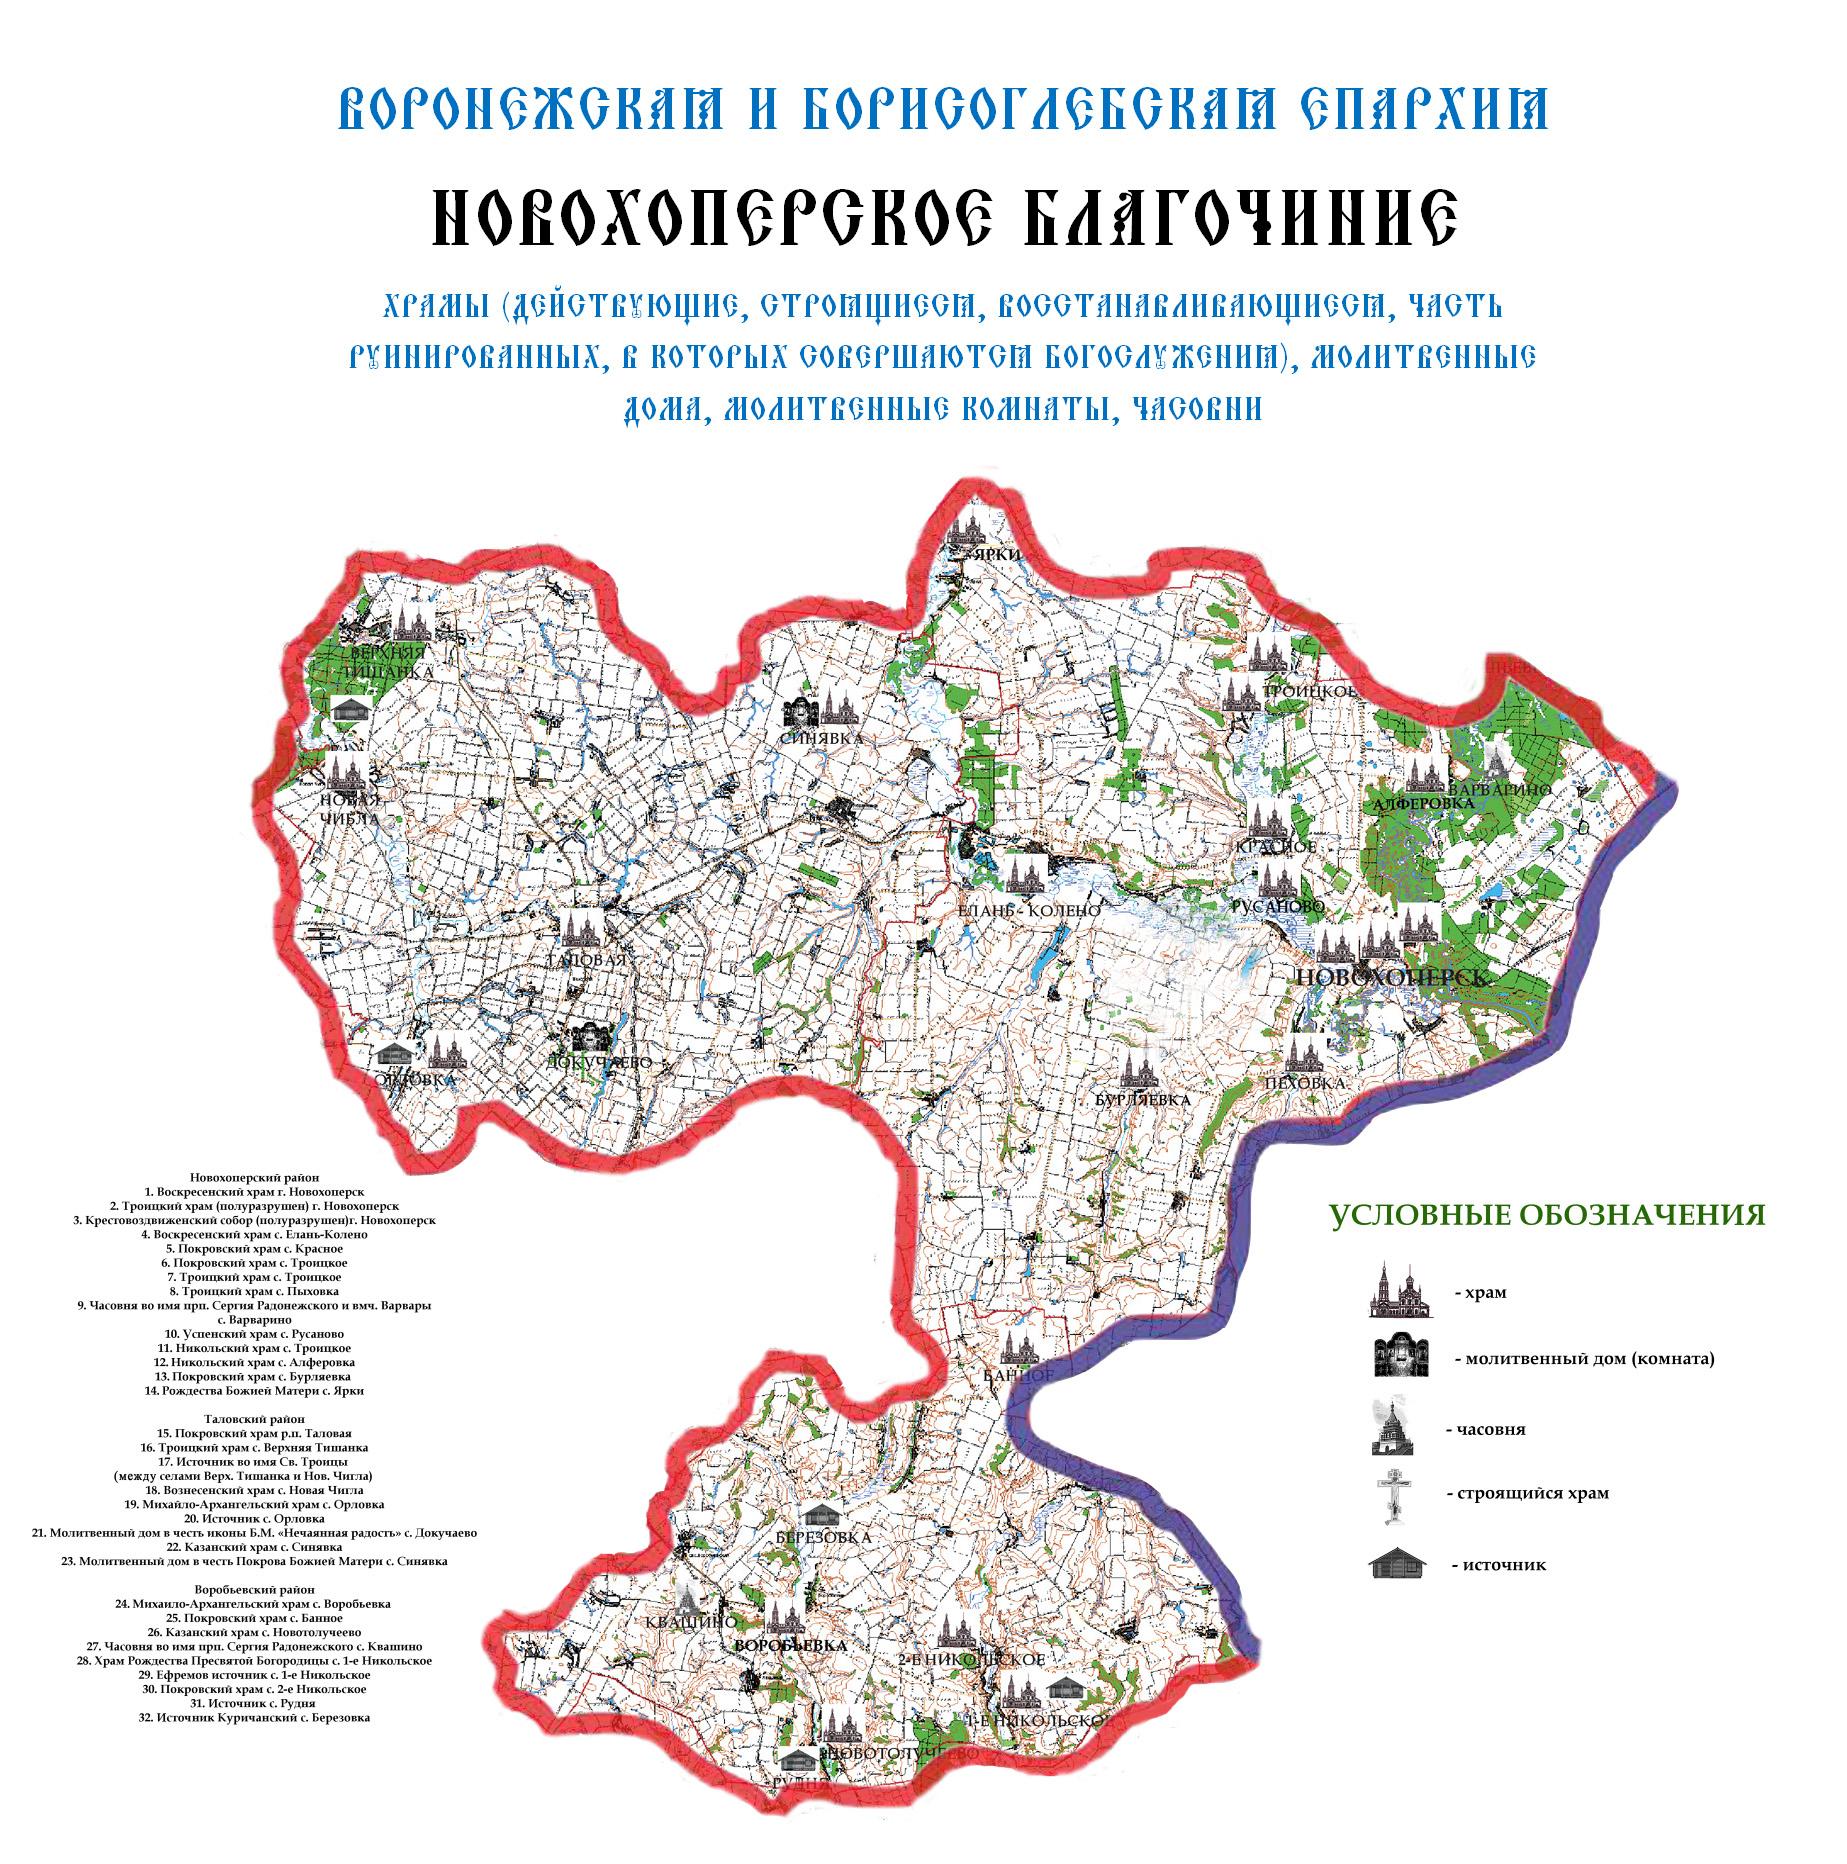 Новохоперское благочиние по состоянию на начало декабря 2013